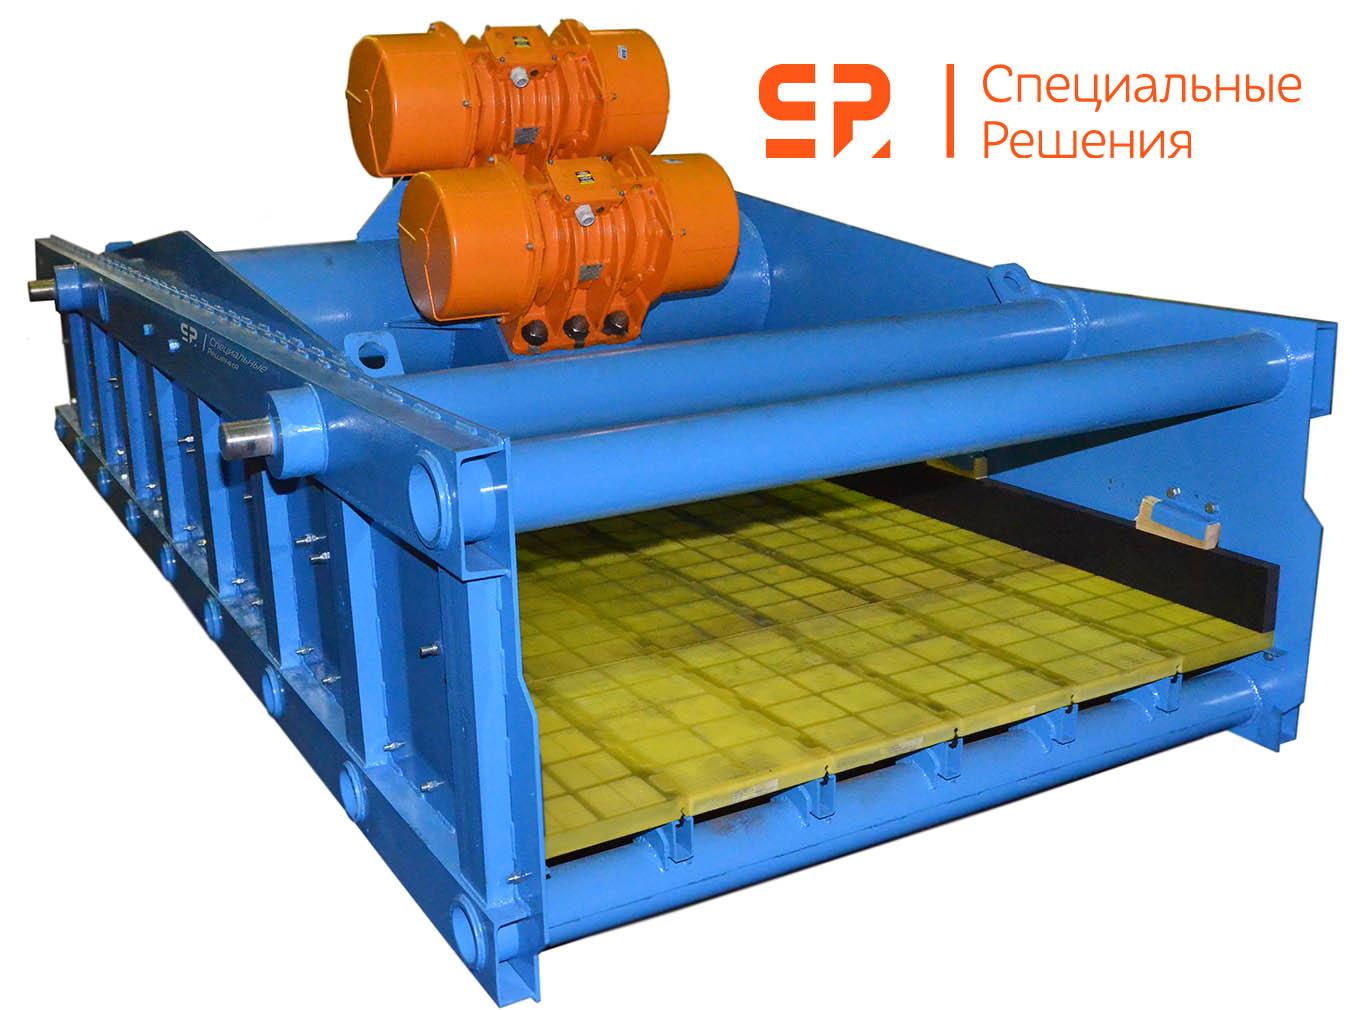 Купить грохот в Анжеро-Судженск ремонт горного оборудования в Белово